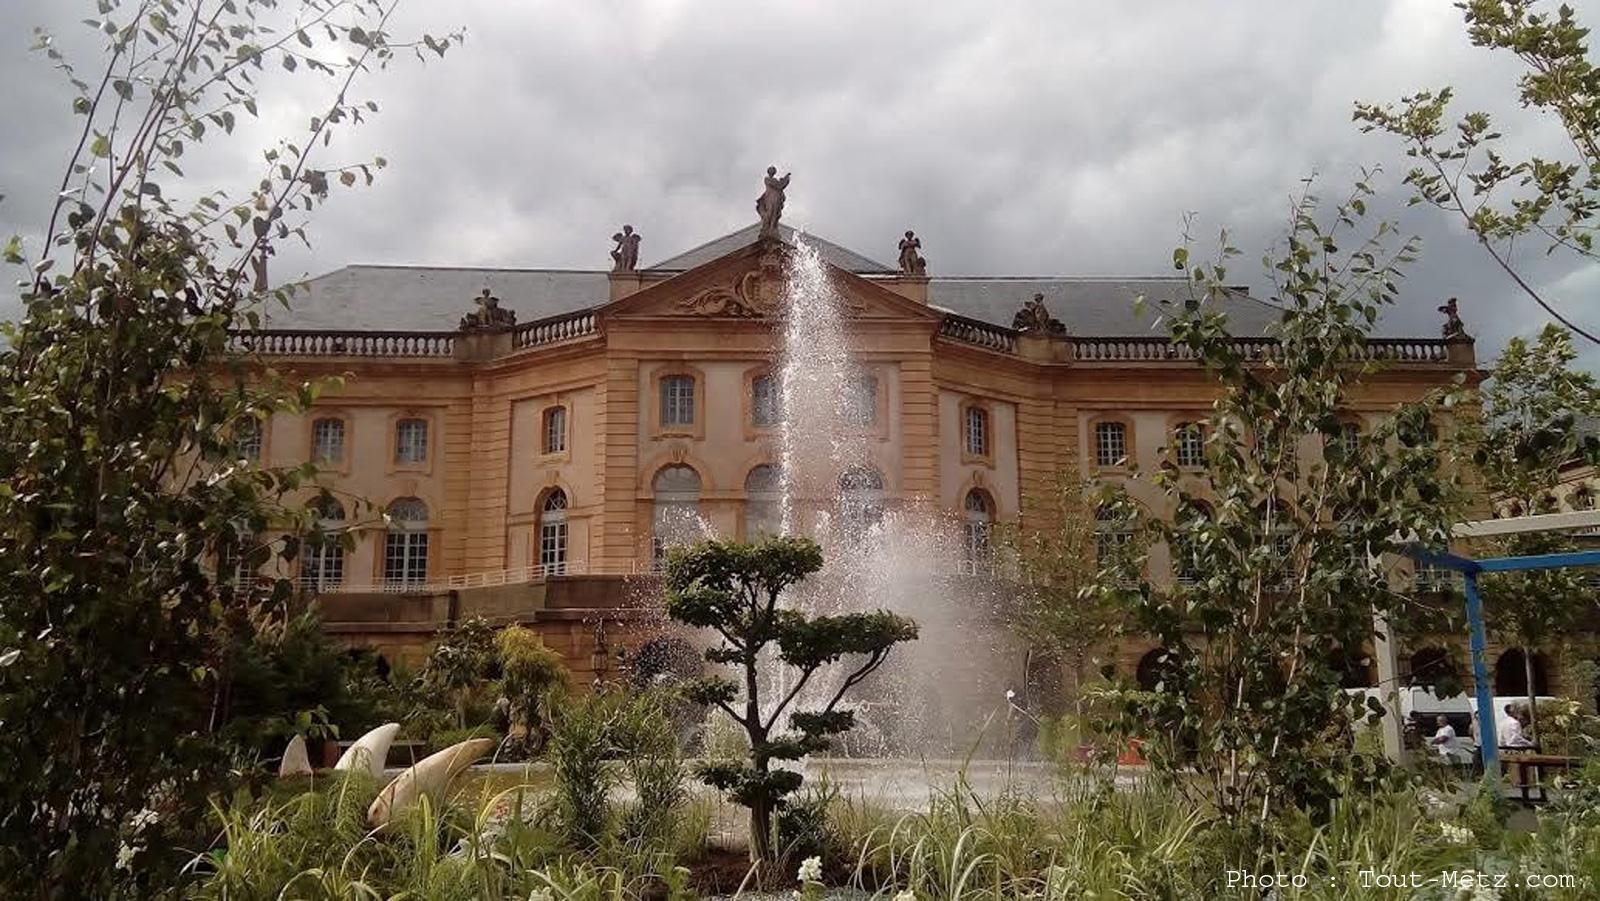 Jardin d'été place de la Comédie à Metz : un coin de nature en plein centre-ville (photos)